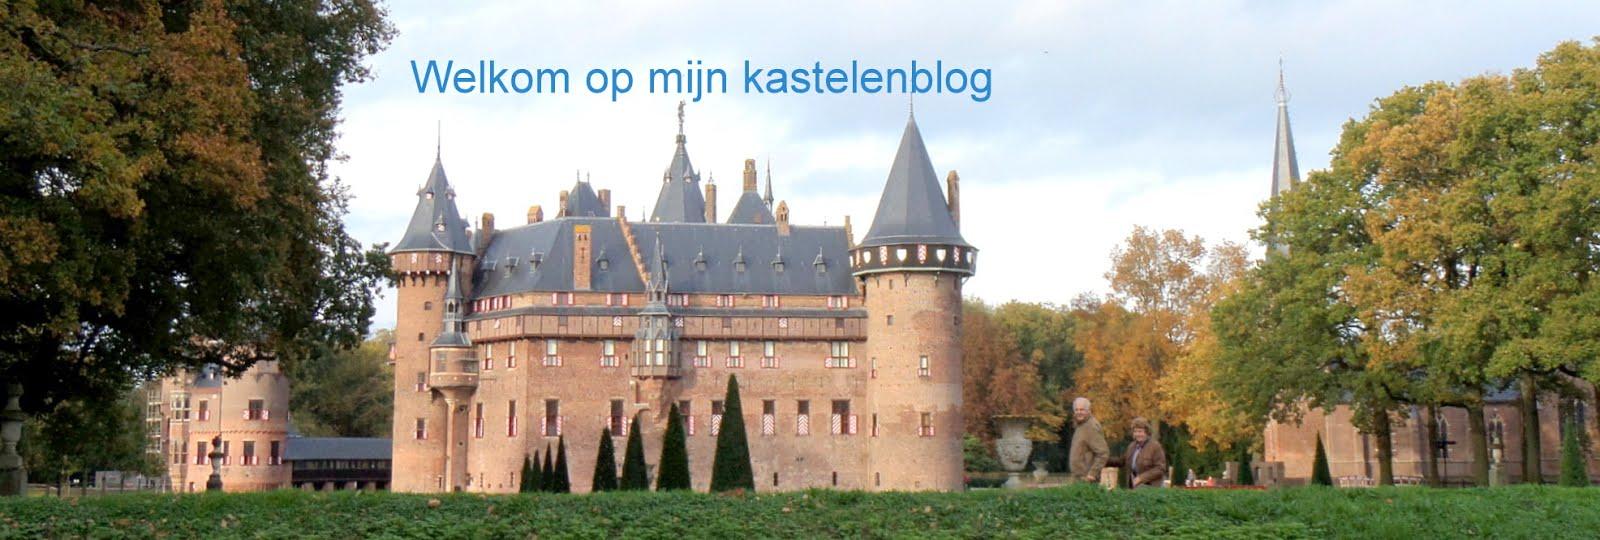 Welkom op mijn kastelenblog